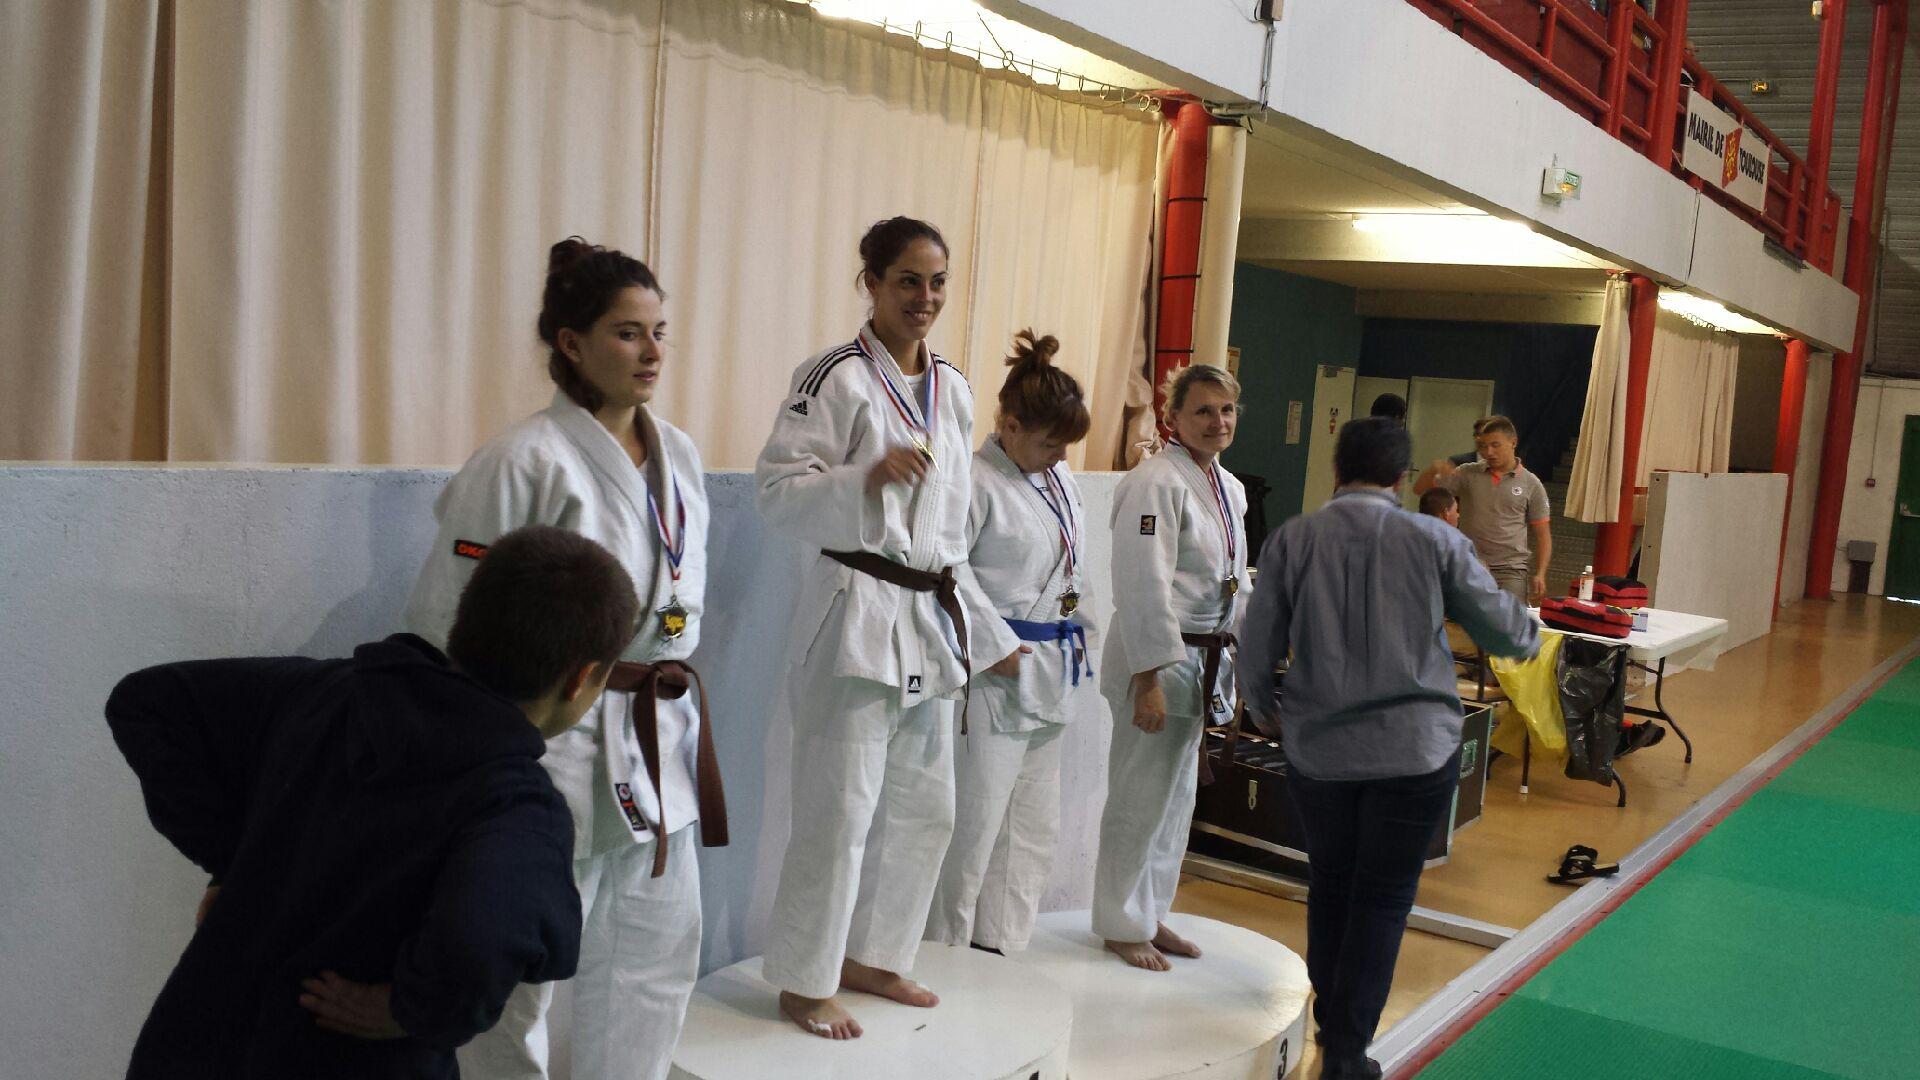 clair et distinctif couleur n brillante une performance supérieure Ceintures de couleurs – Judo Club Lagardelle